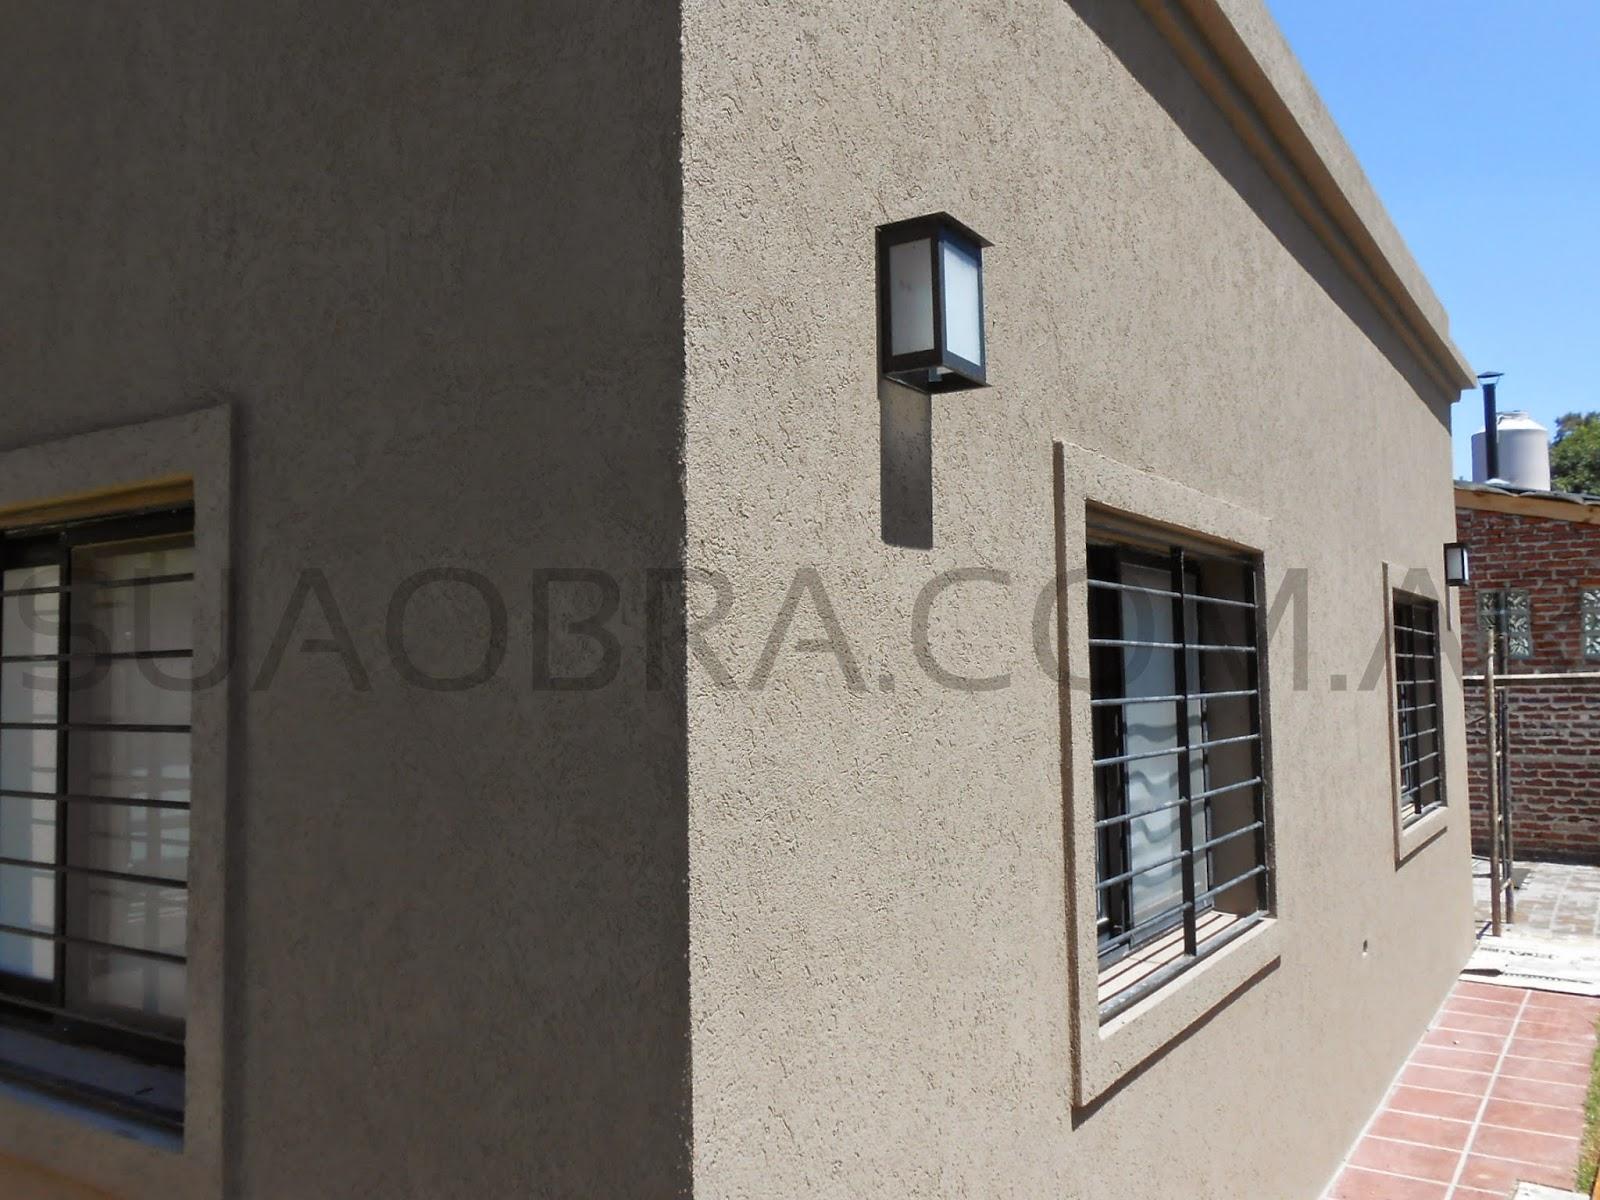 Revestir Pared Exterior Composite Para Paredes Y Techos With - Revestir-pared-exterior